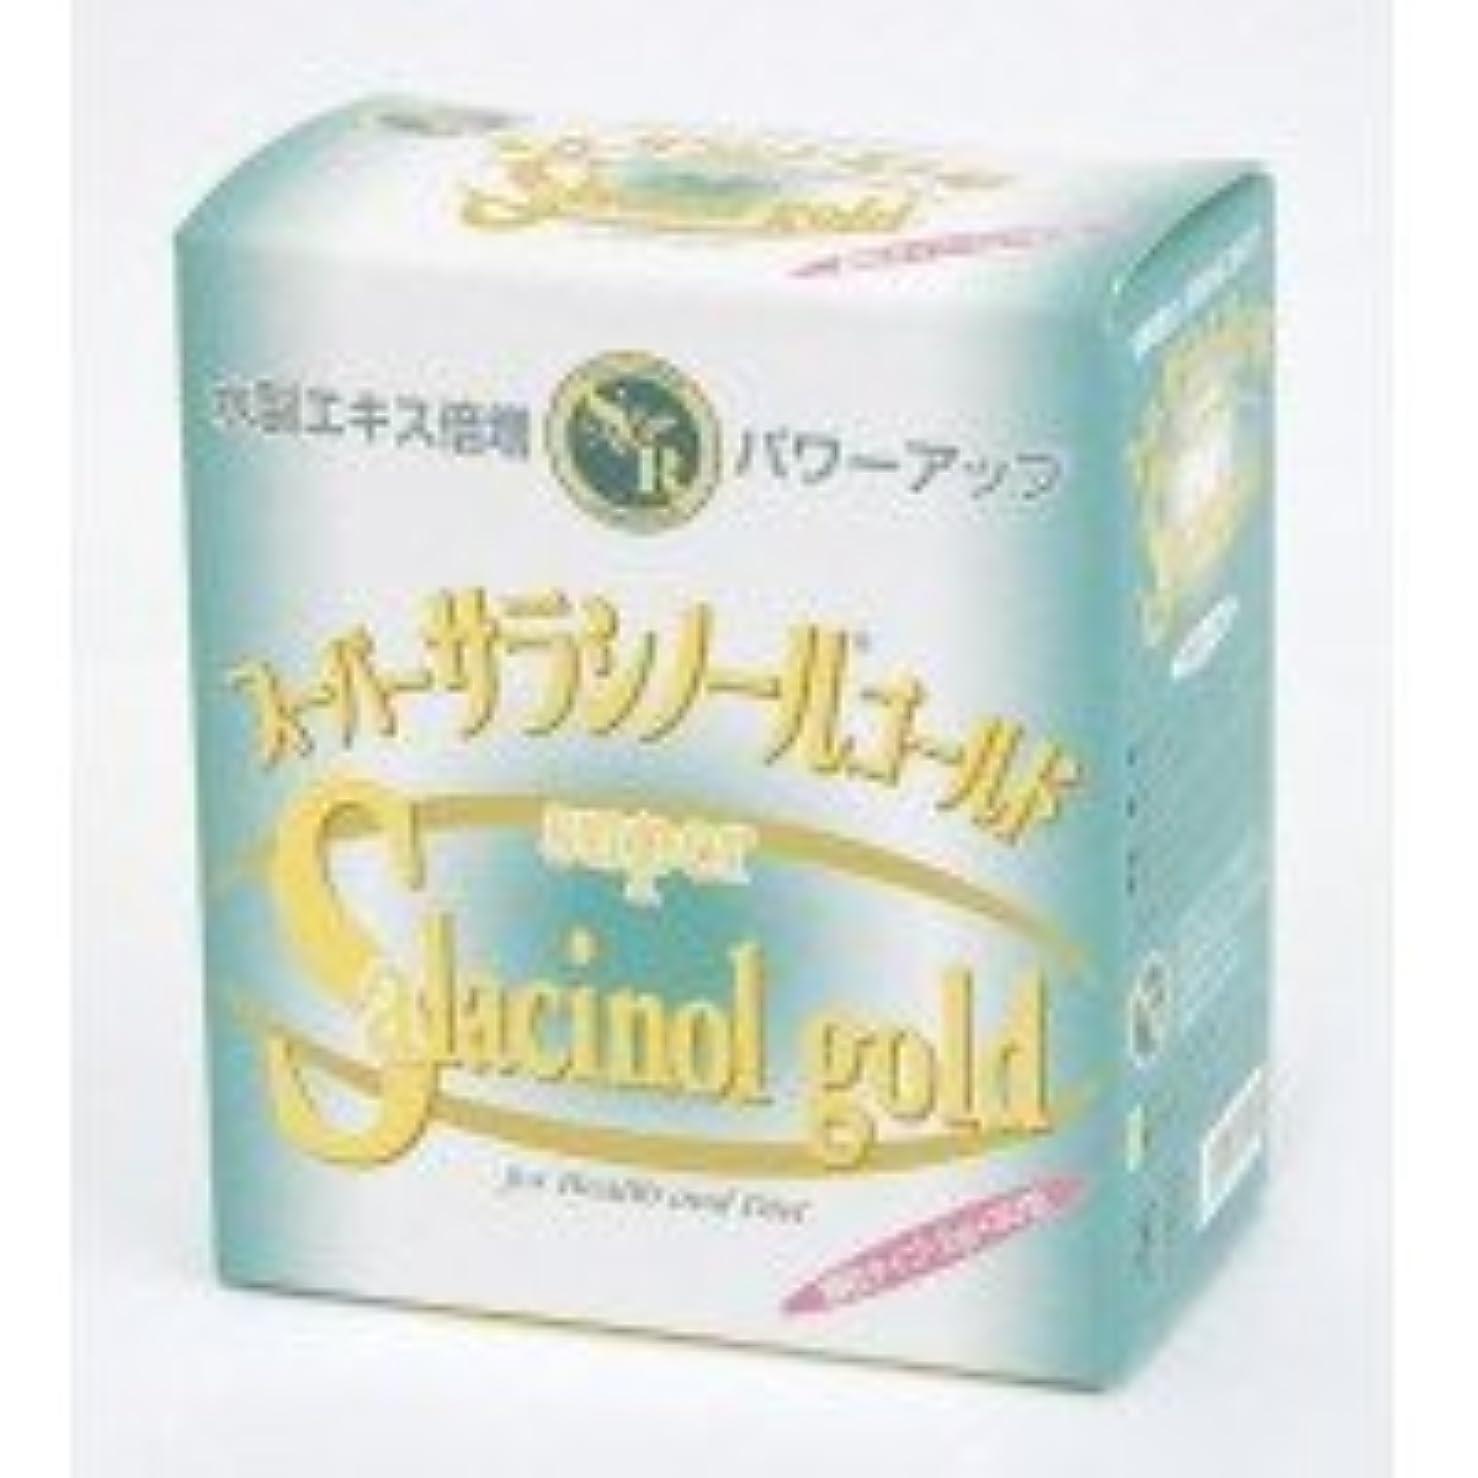 流暢追放するにじみ出るジャパンヘルス スーパーサラシノールゴールド 2g×30包